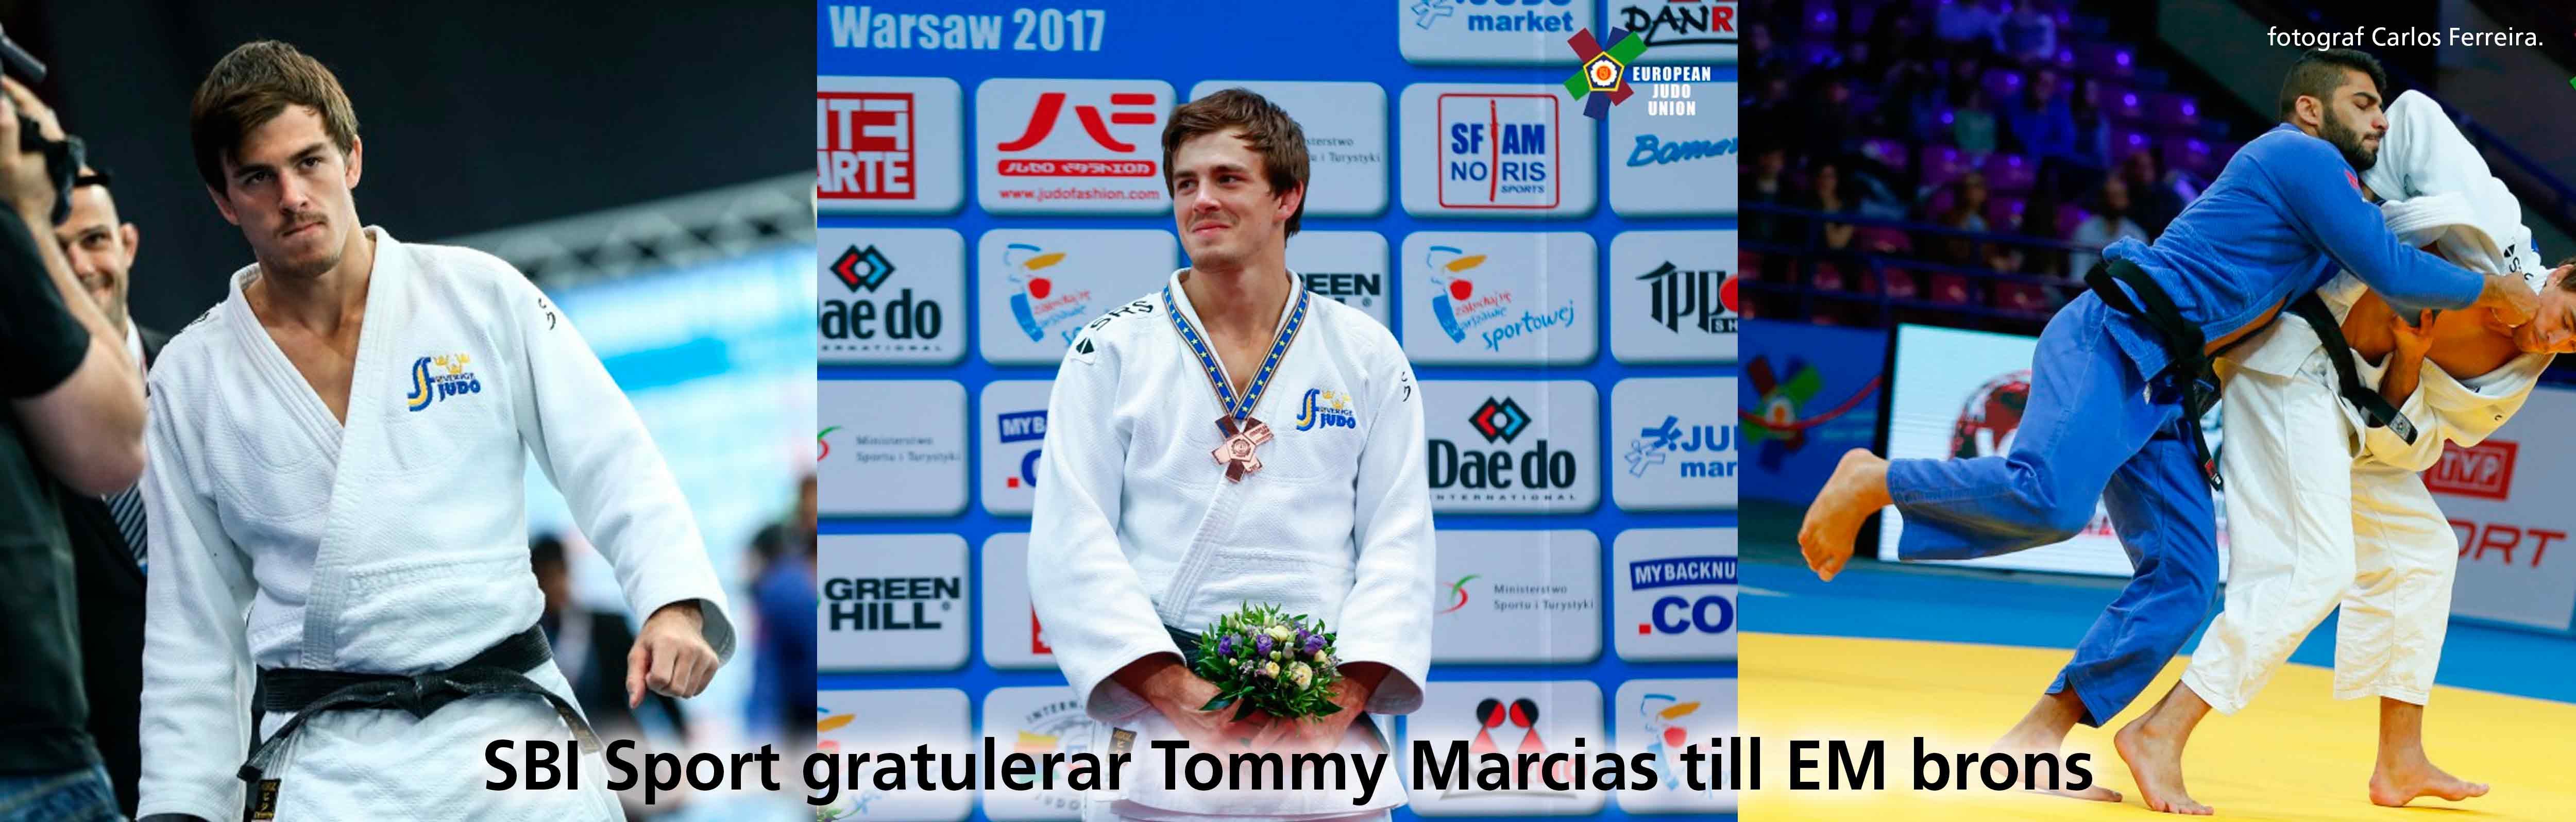 SBI gratulerar Tommy till EM brons